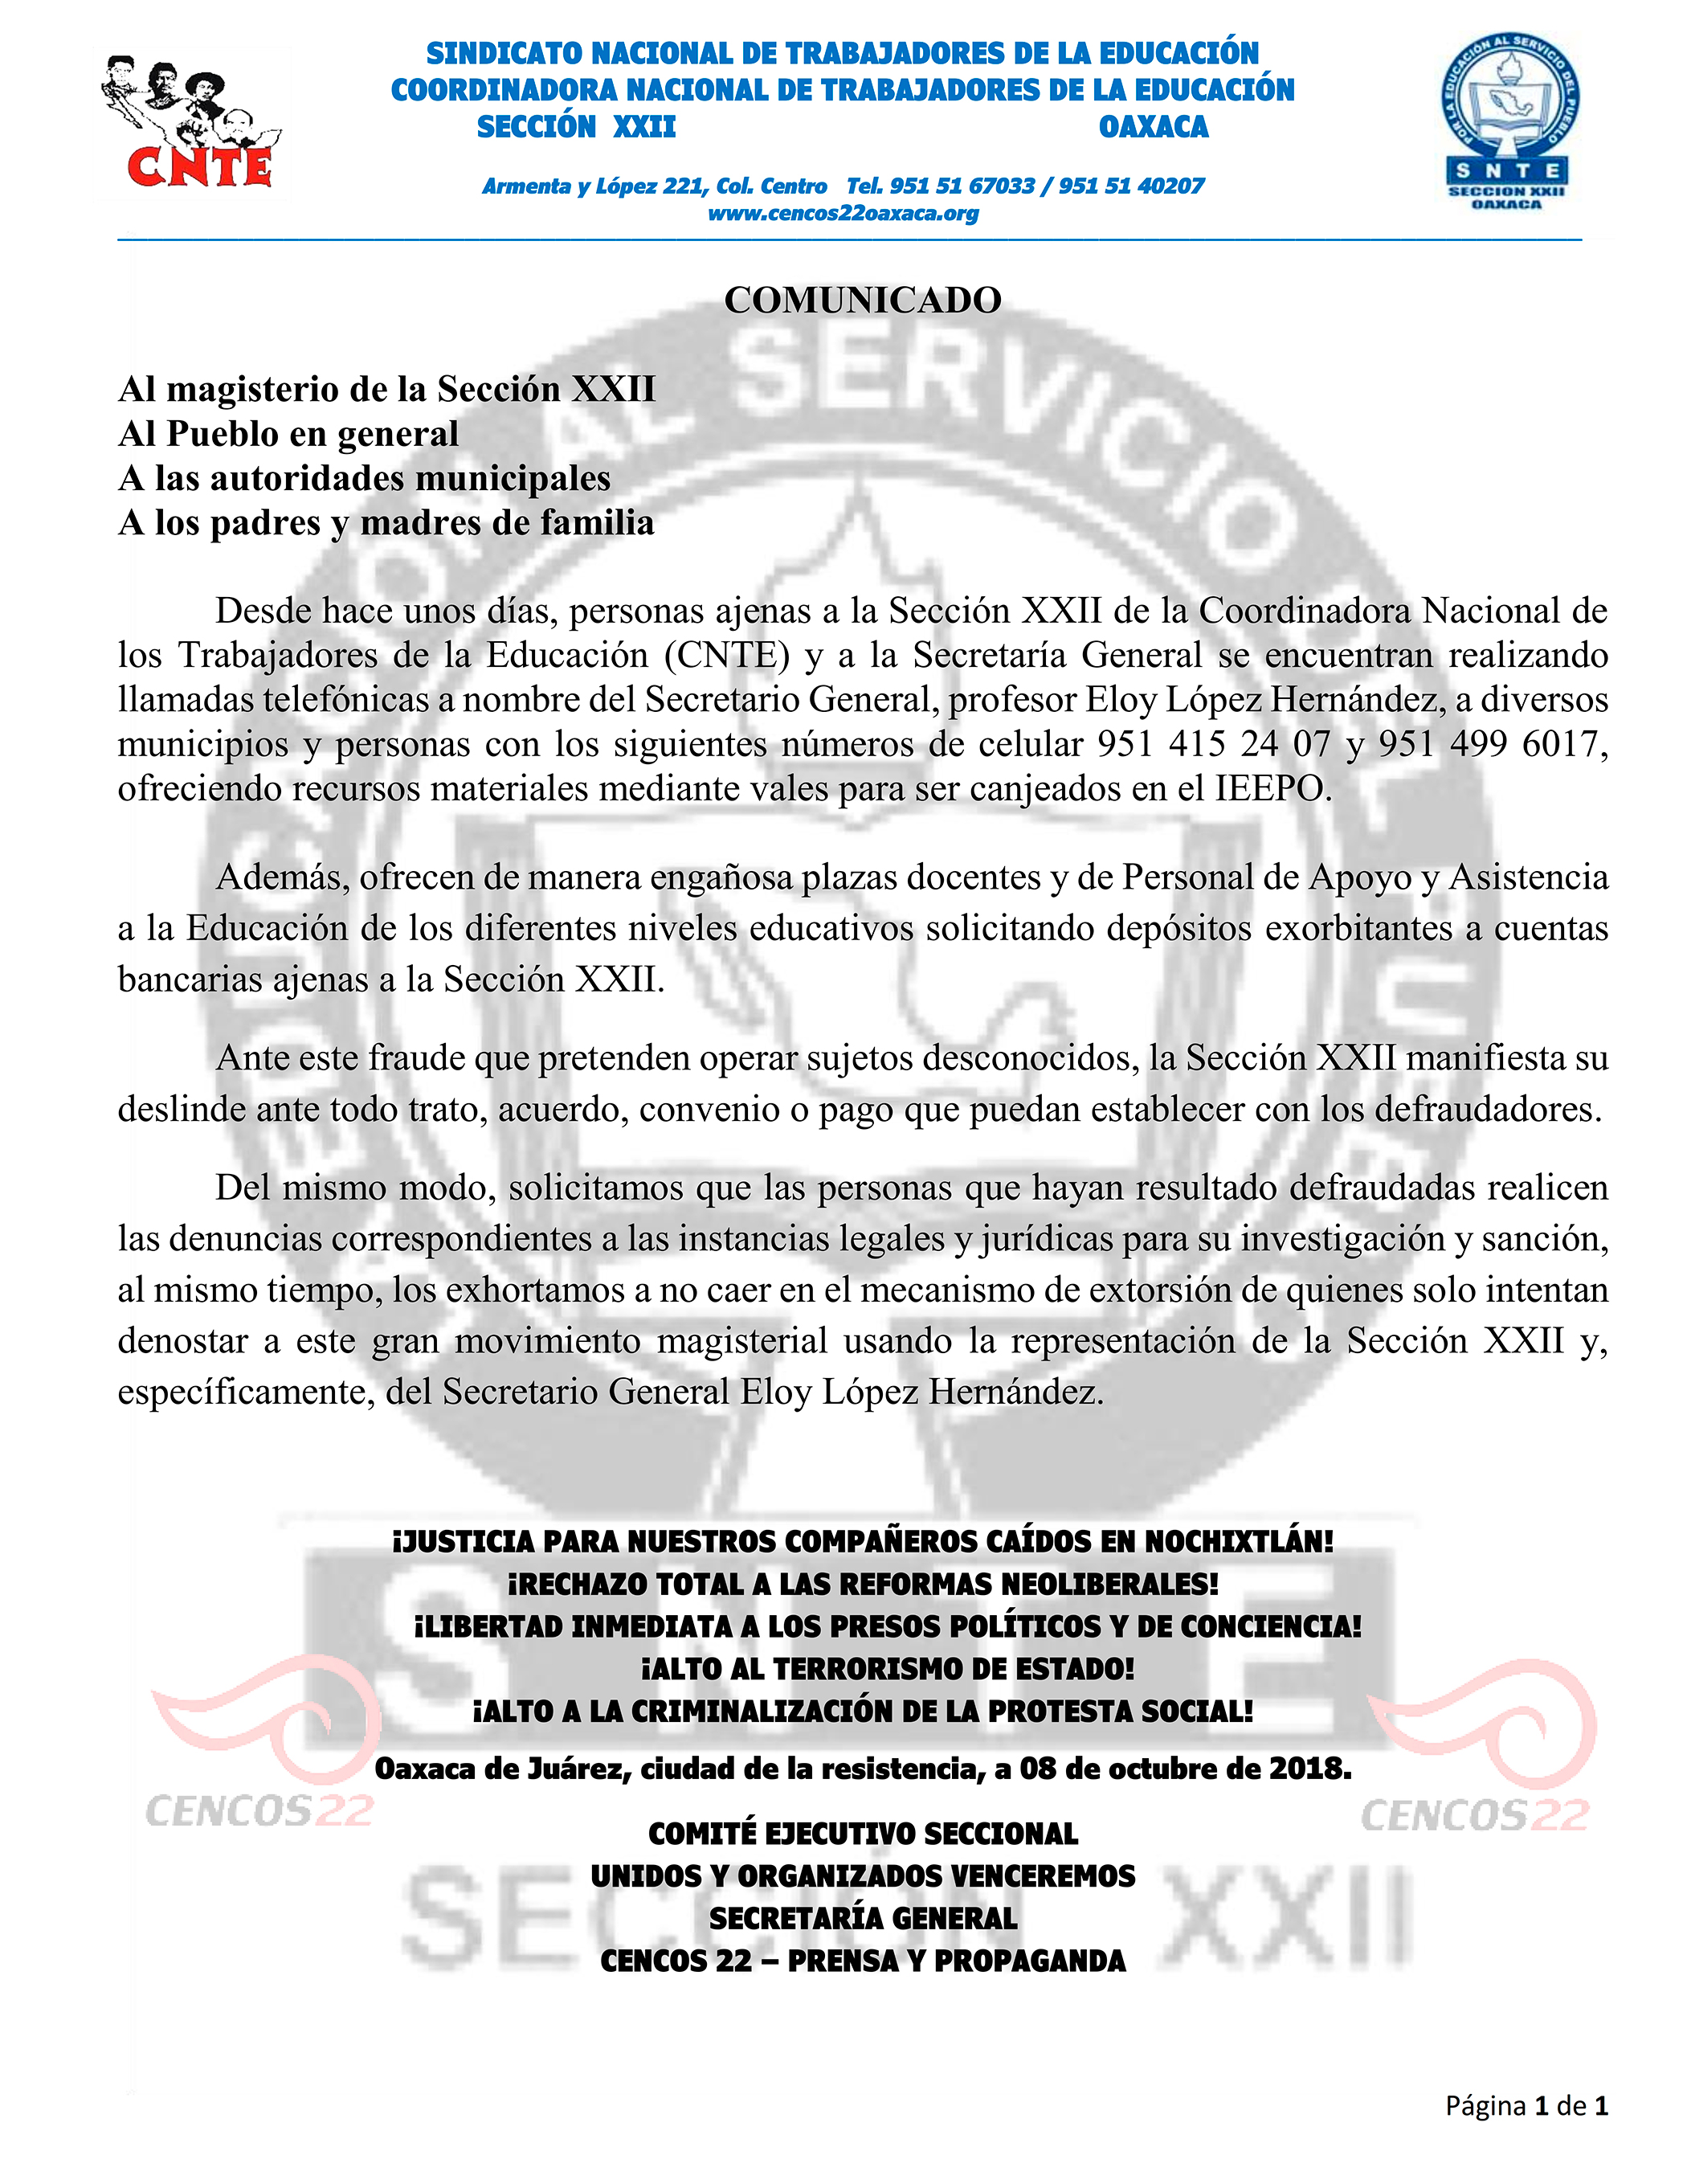 082c5b007 COMUNICADO AL MAGISTERIO DE LA SECCIÓN XXII